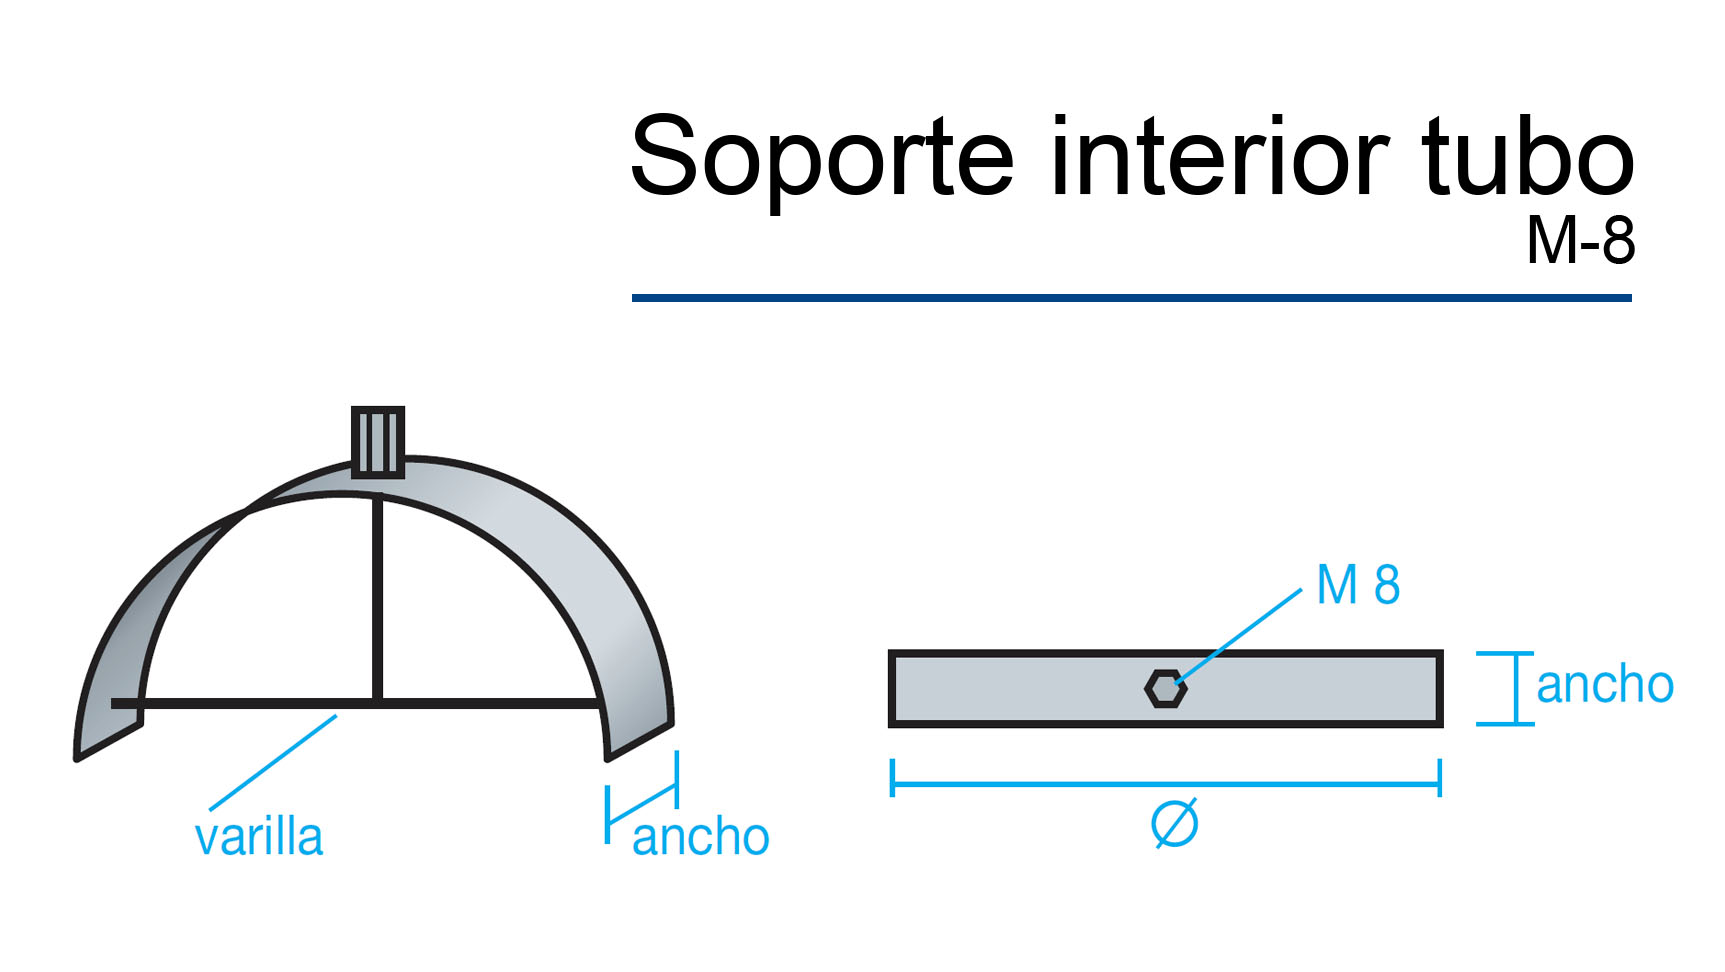 soporte interior tubo M8